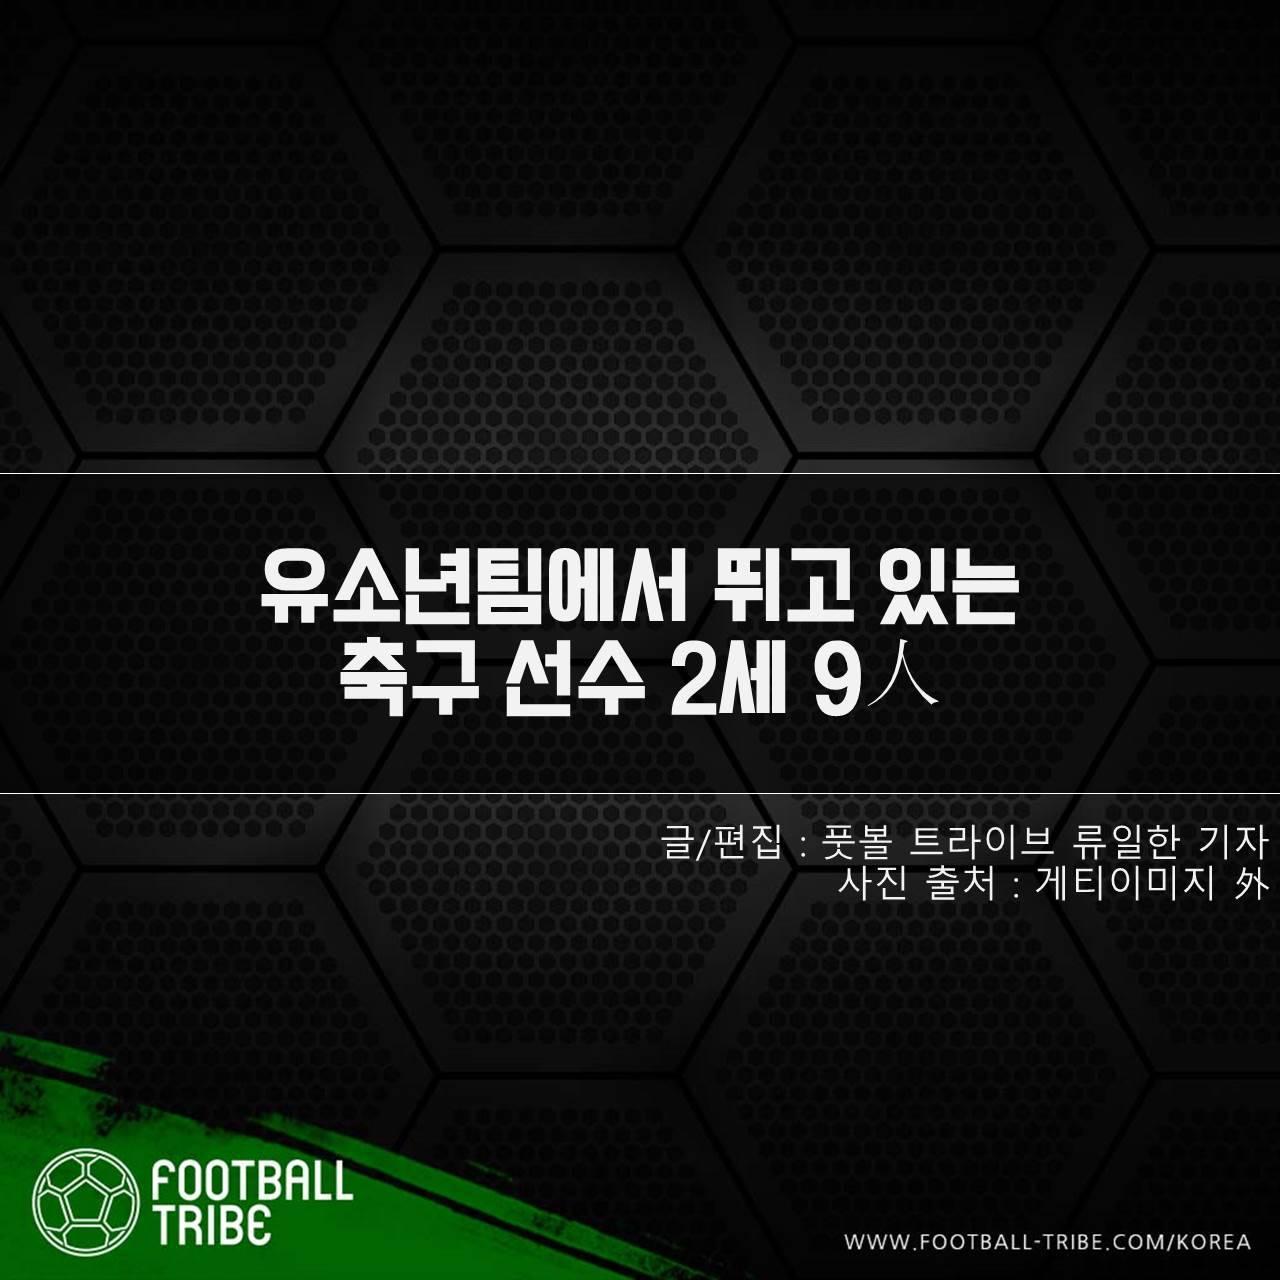 [카드 뉴스] 유소년팀에서 뛰고 있는 축구 선수 2세 9人